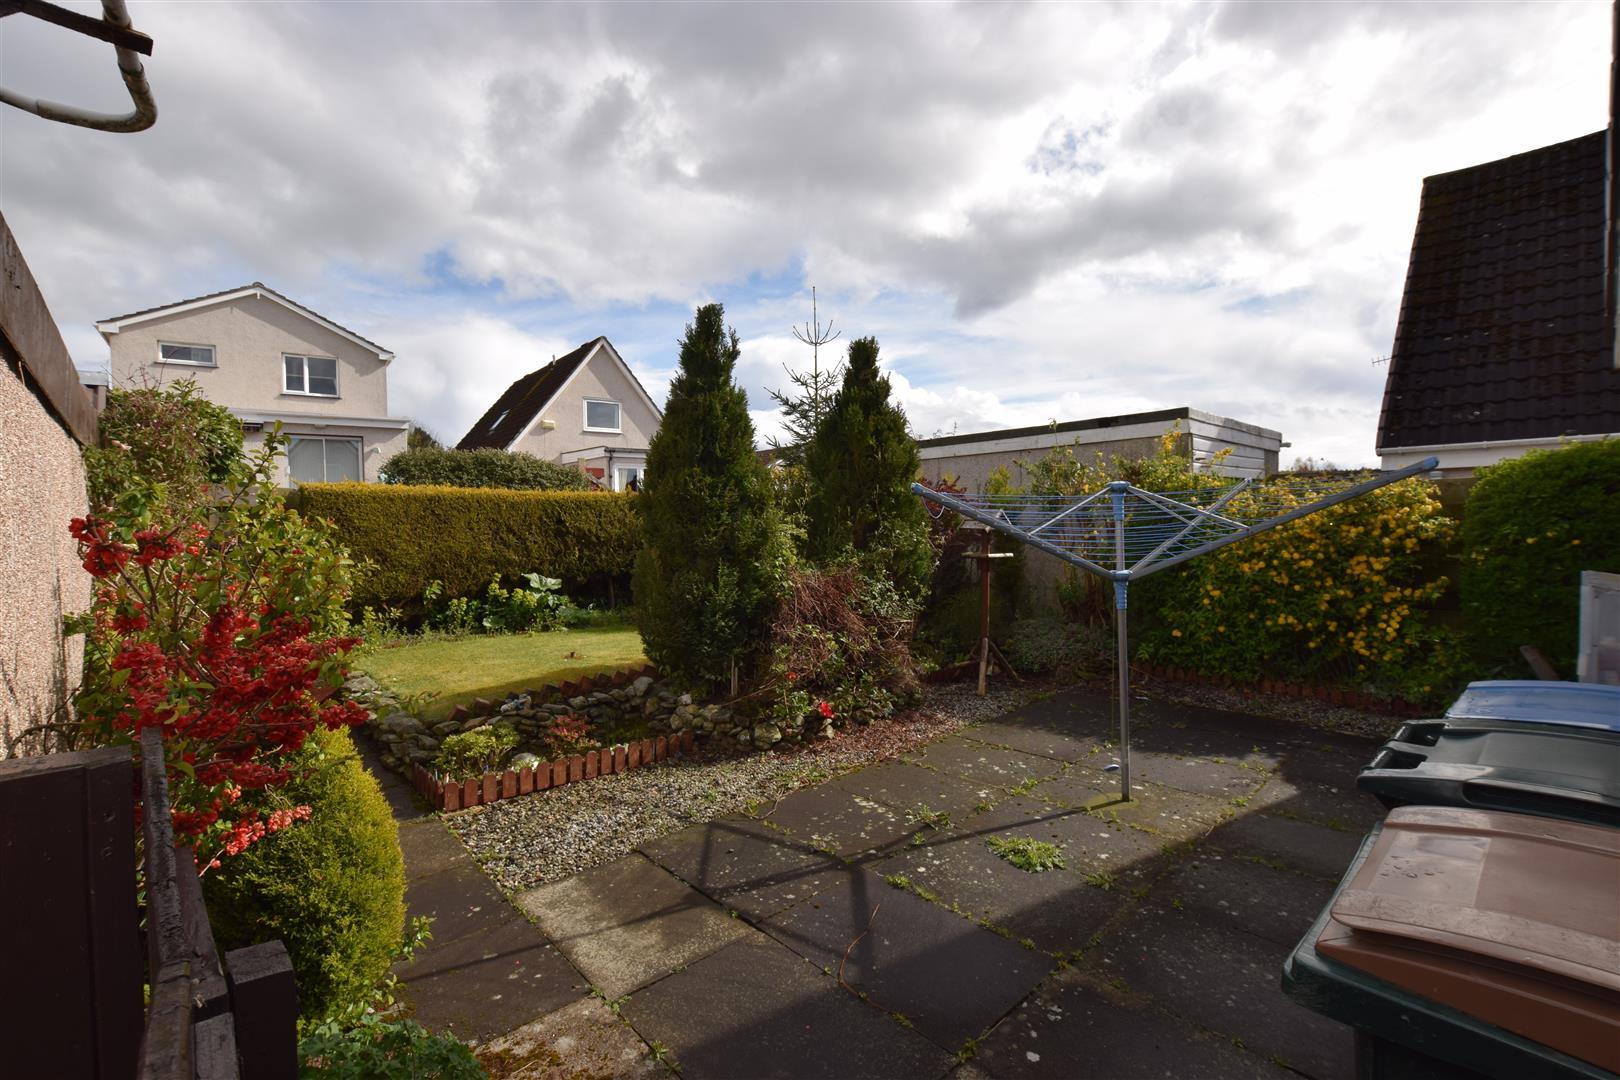 60, Ash Grove, Perth, Perthshire, PH1 1HP, UK